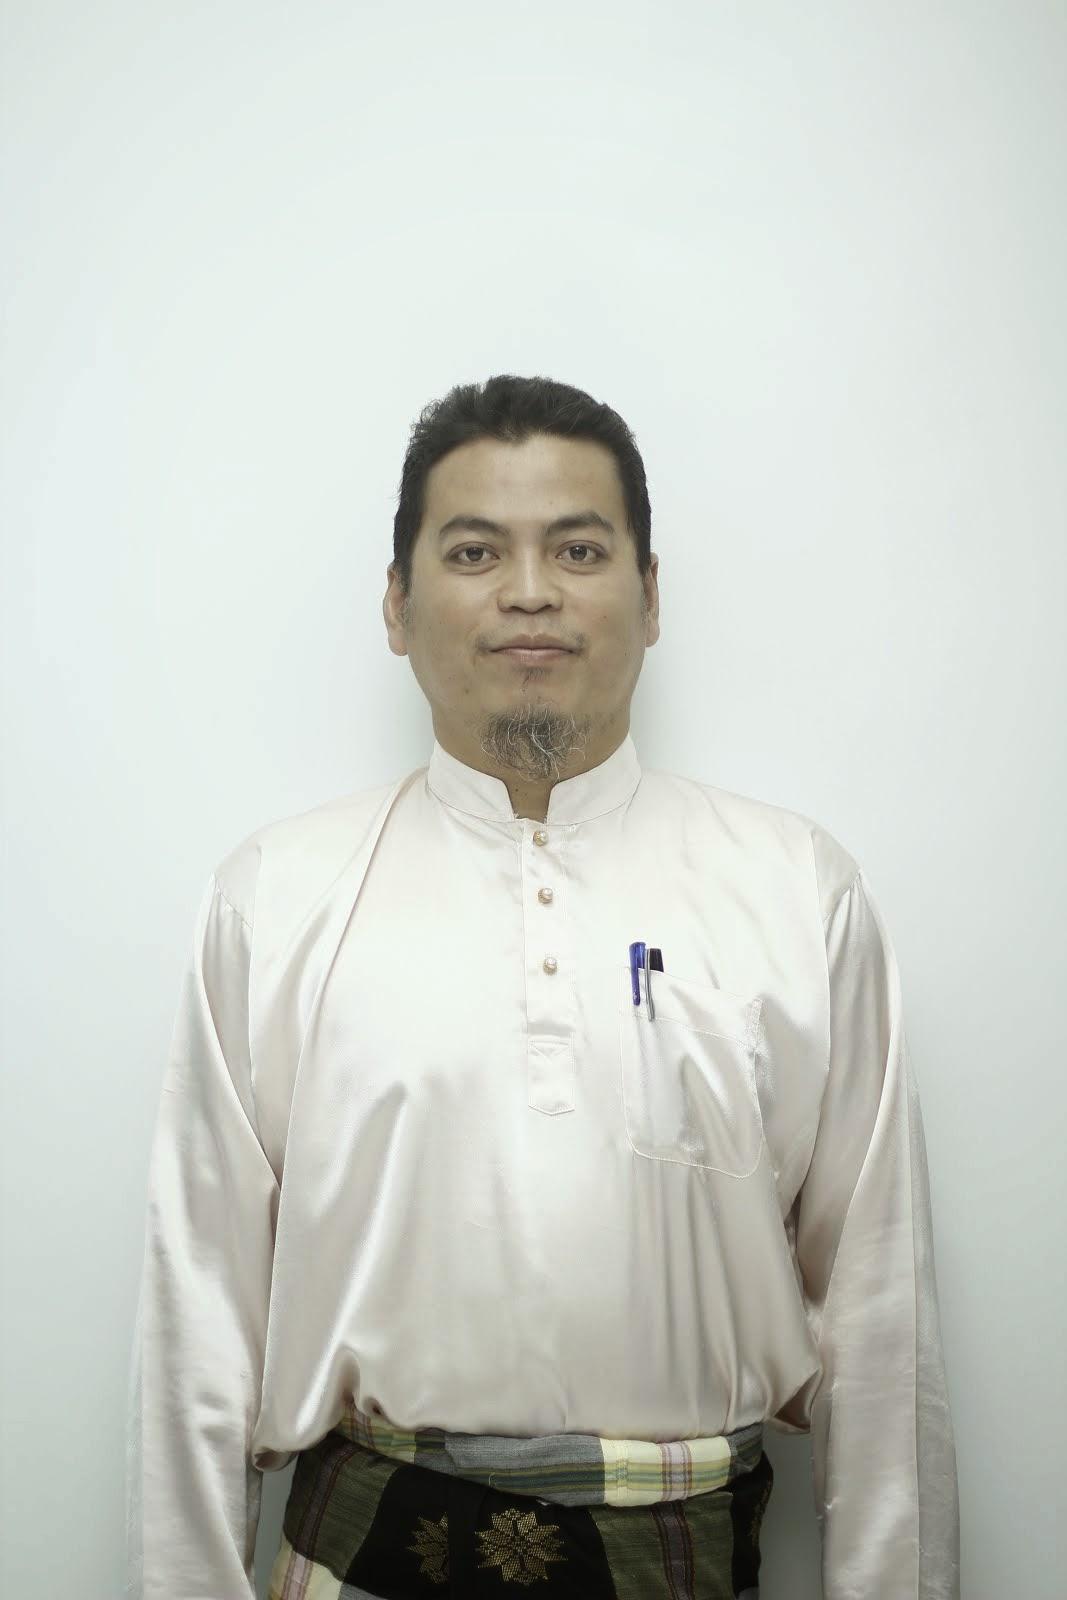 En Wan Ahmad Sulmizam (SU PPKI)